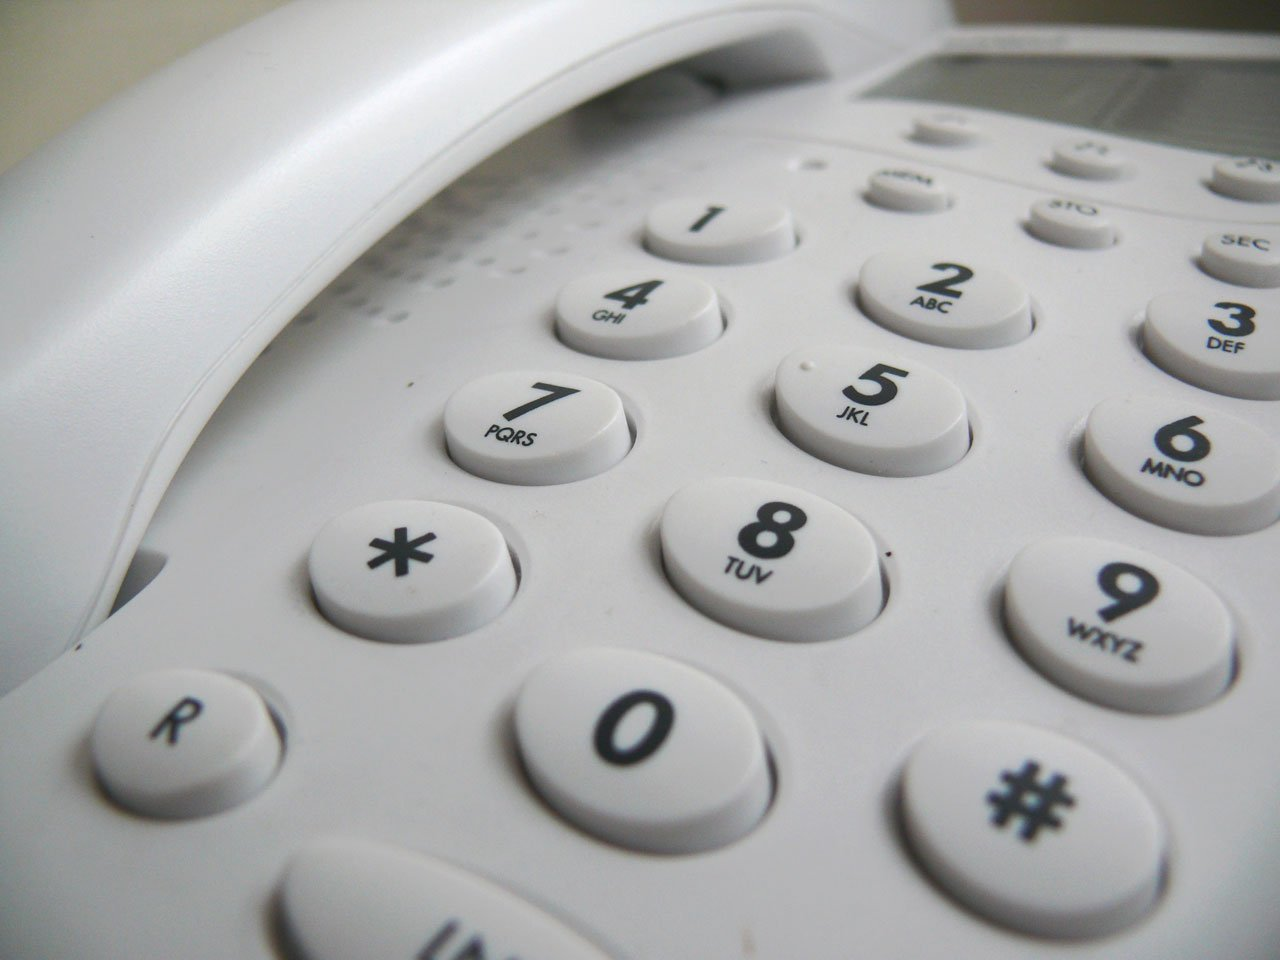 En réception d'appels, nous privilégions la qualité de service afin d'optimiser la gestion de notre relation client. Uniformisez le niveau de qualité de votre service client en créant un script adéquat.